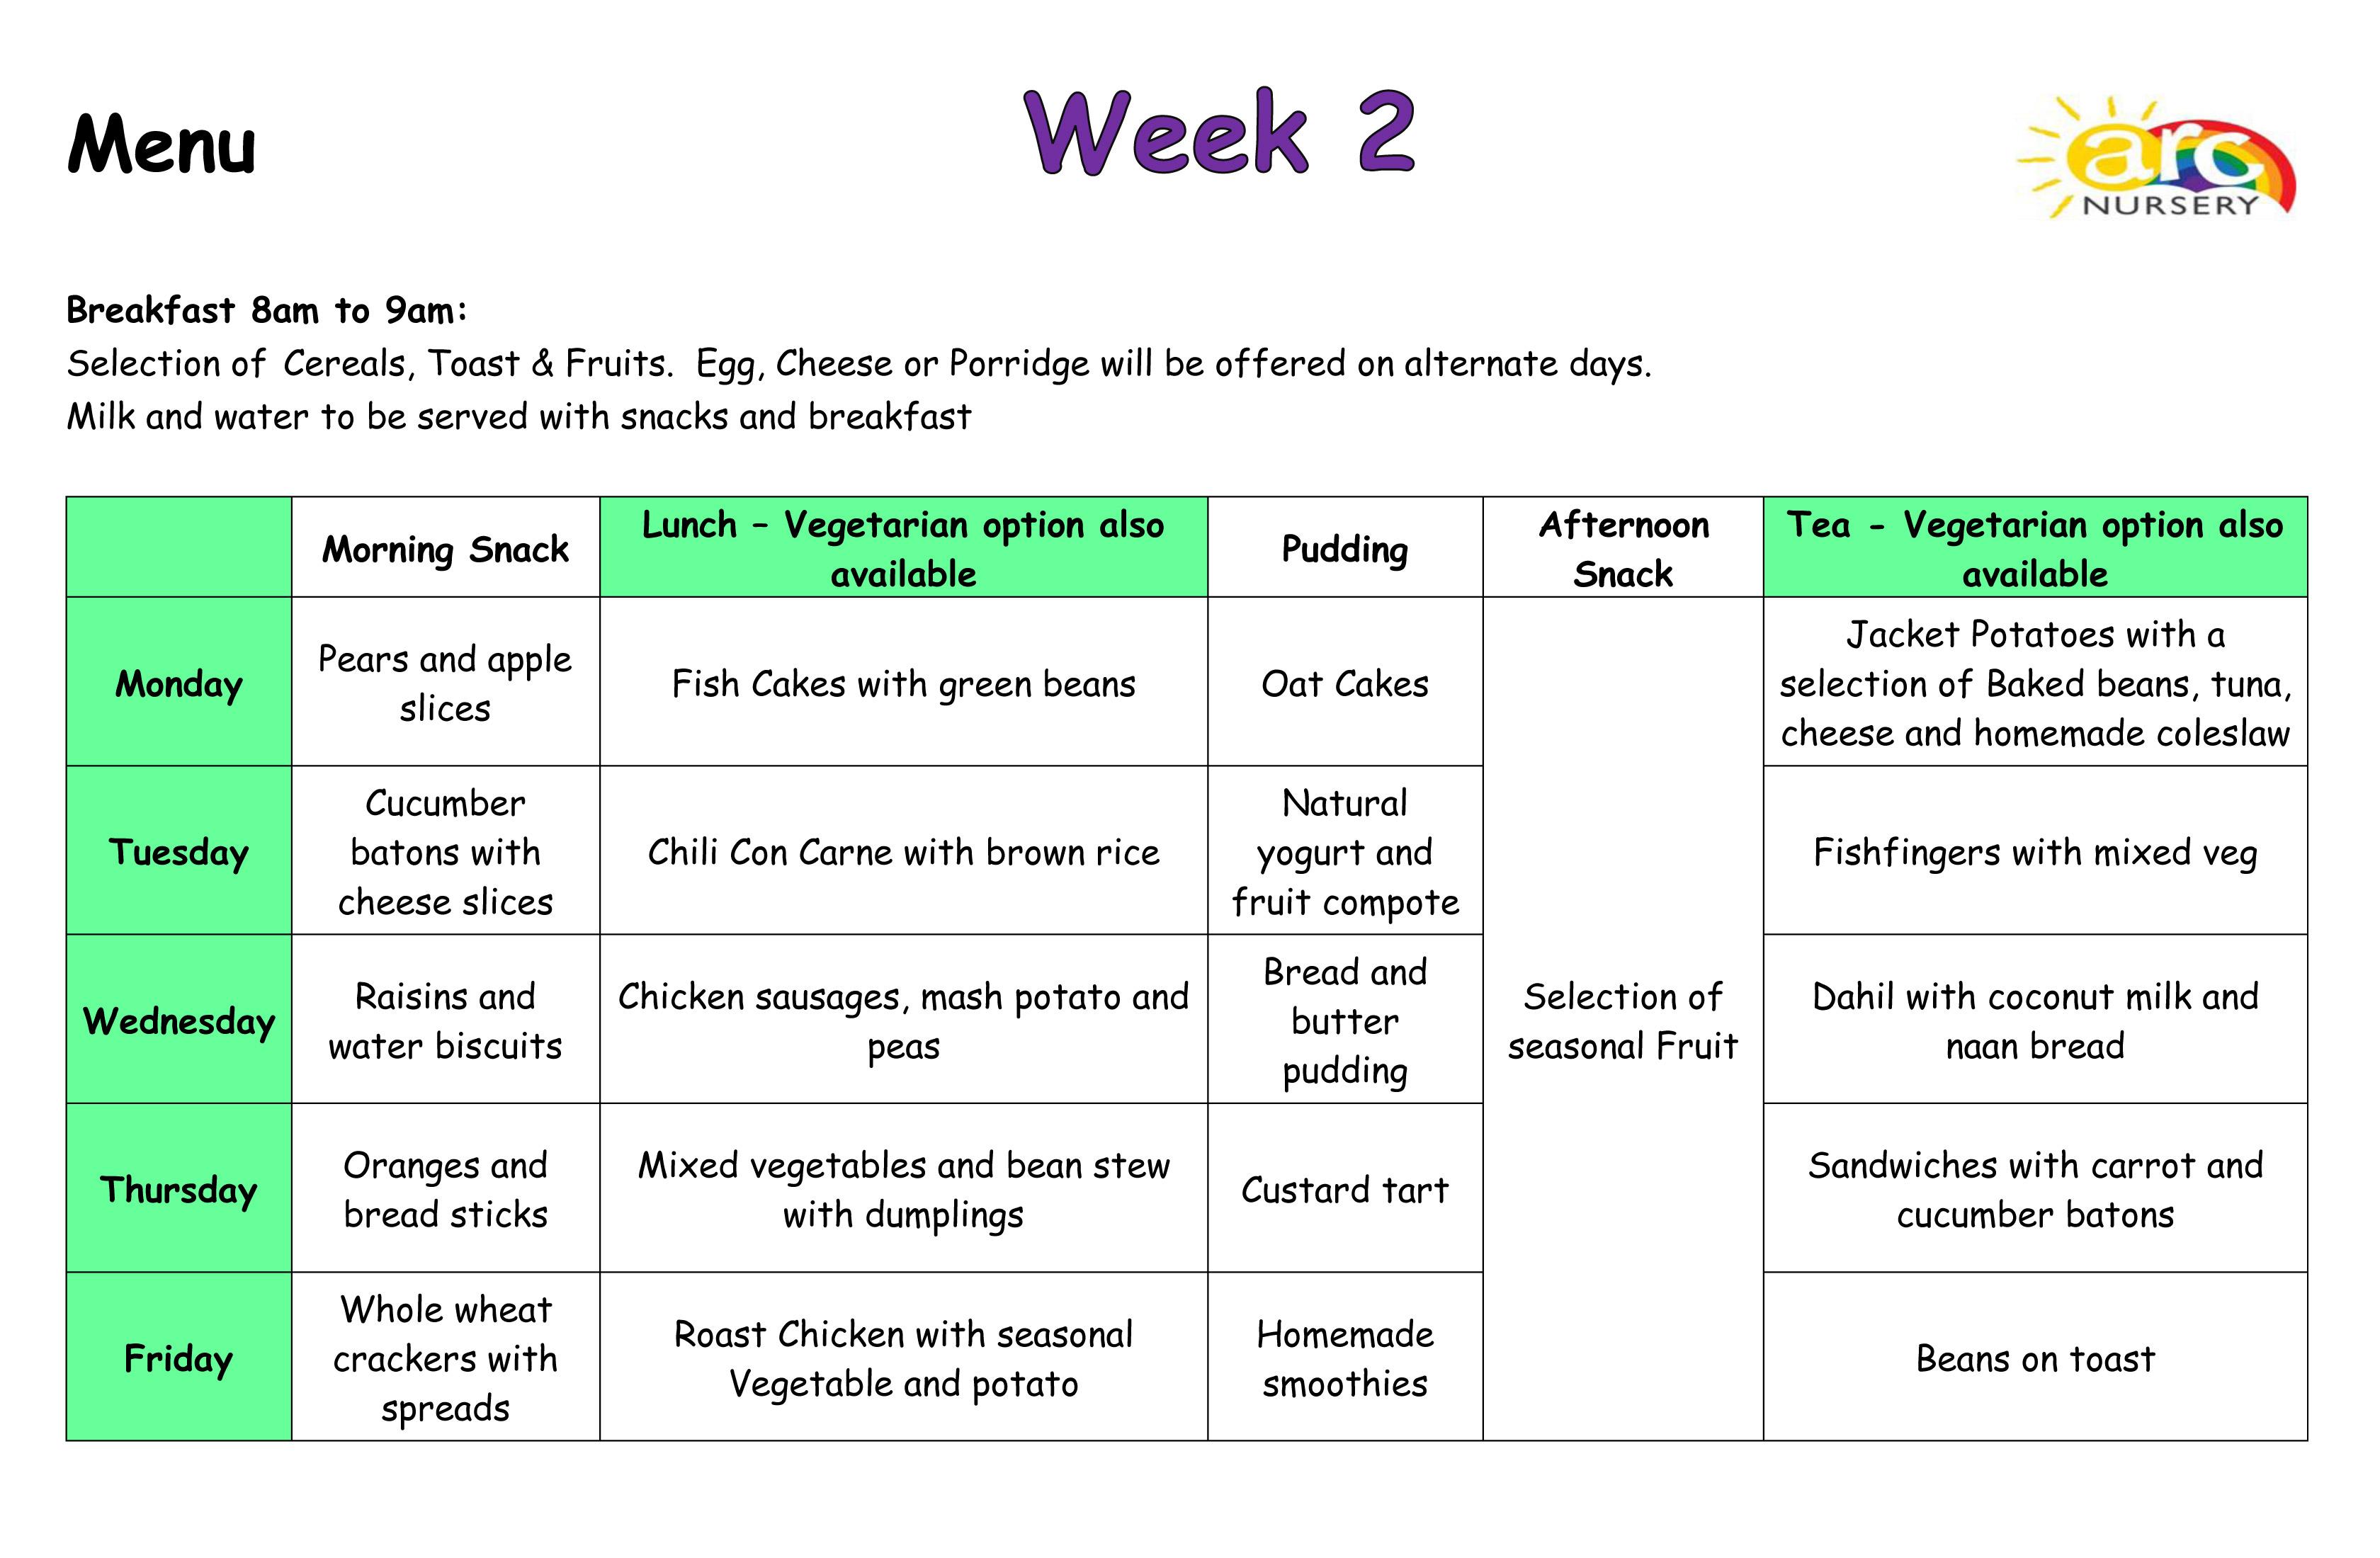 Arc Nursery Menus - Week 2